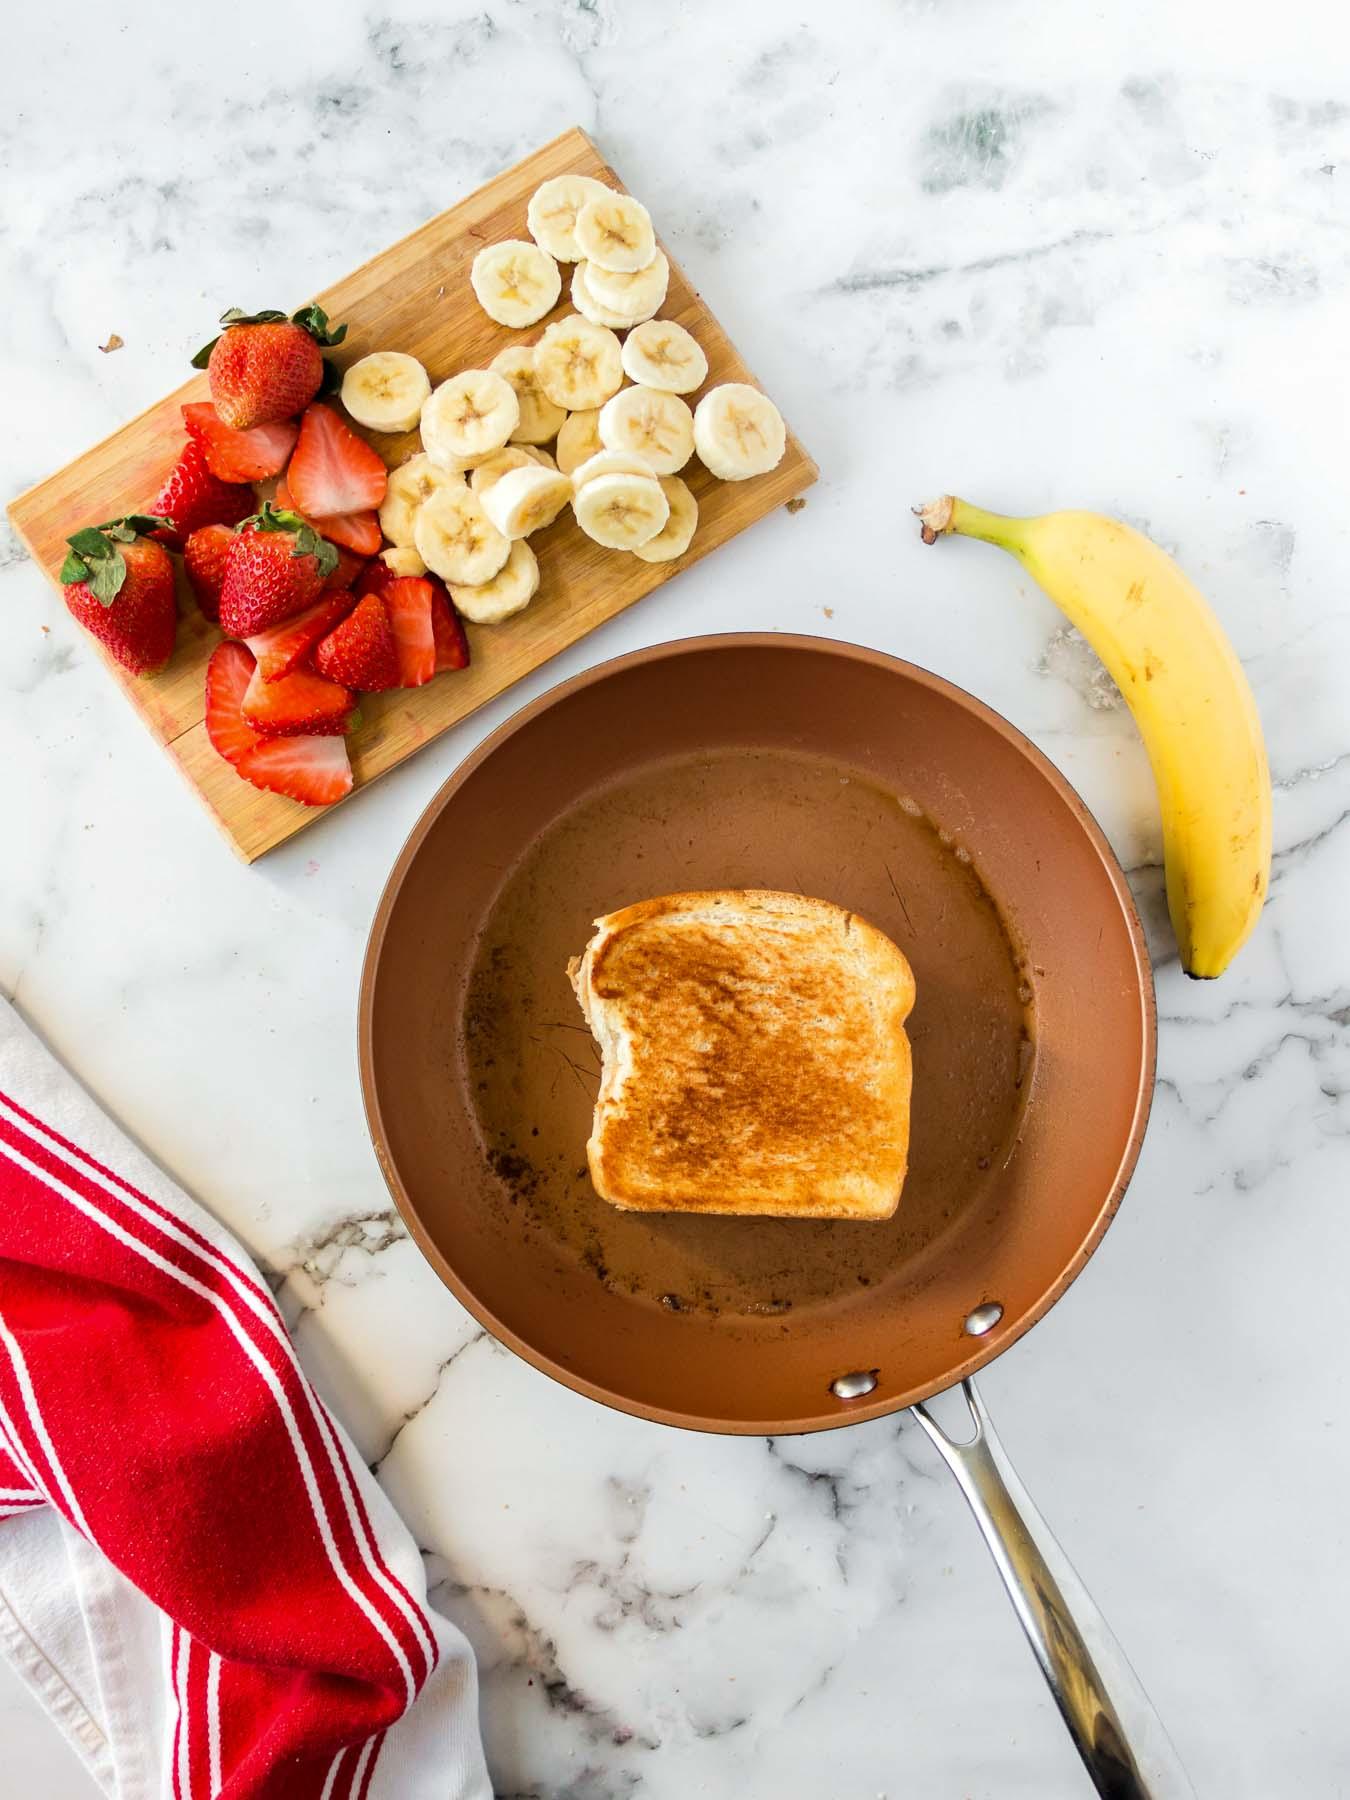 Grilling a peanut butter sandwich in a pan.